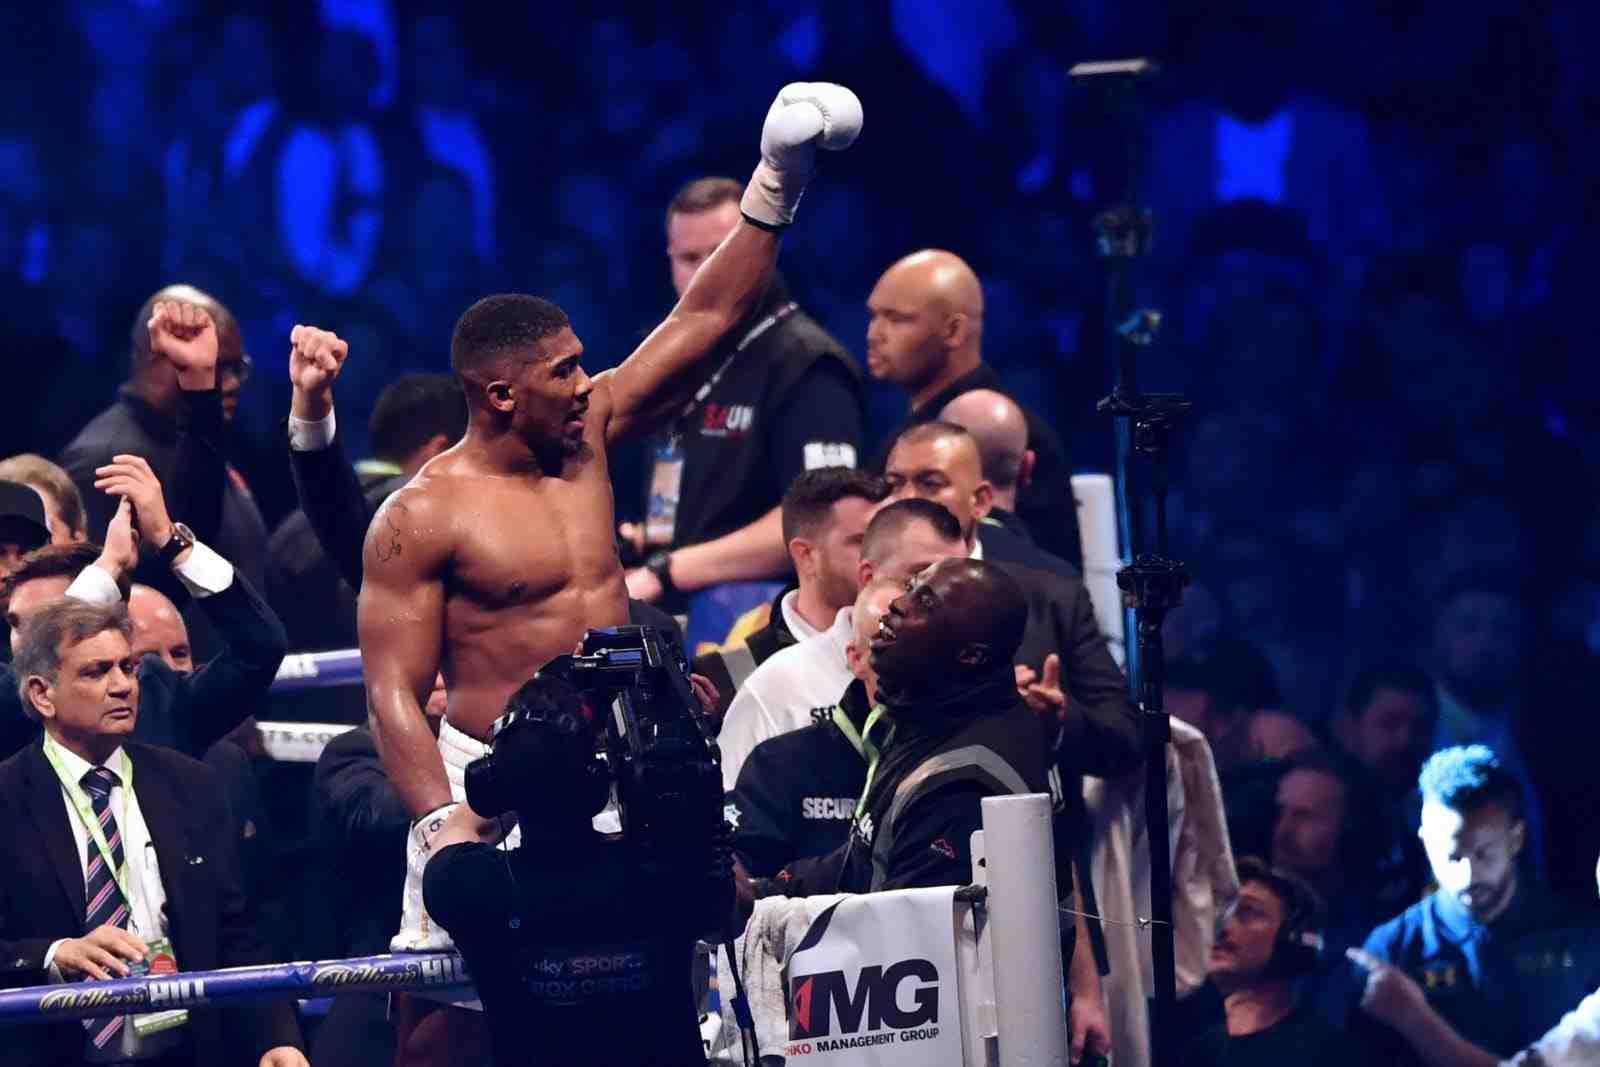 Boxe : Toujours pas de combat pour Anthony Joshua ?